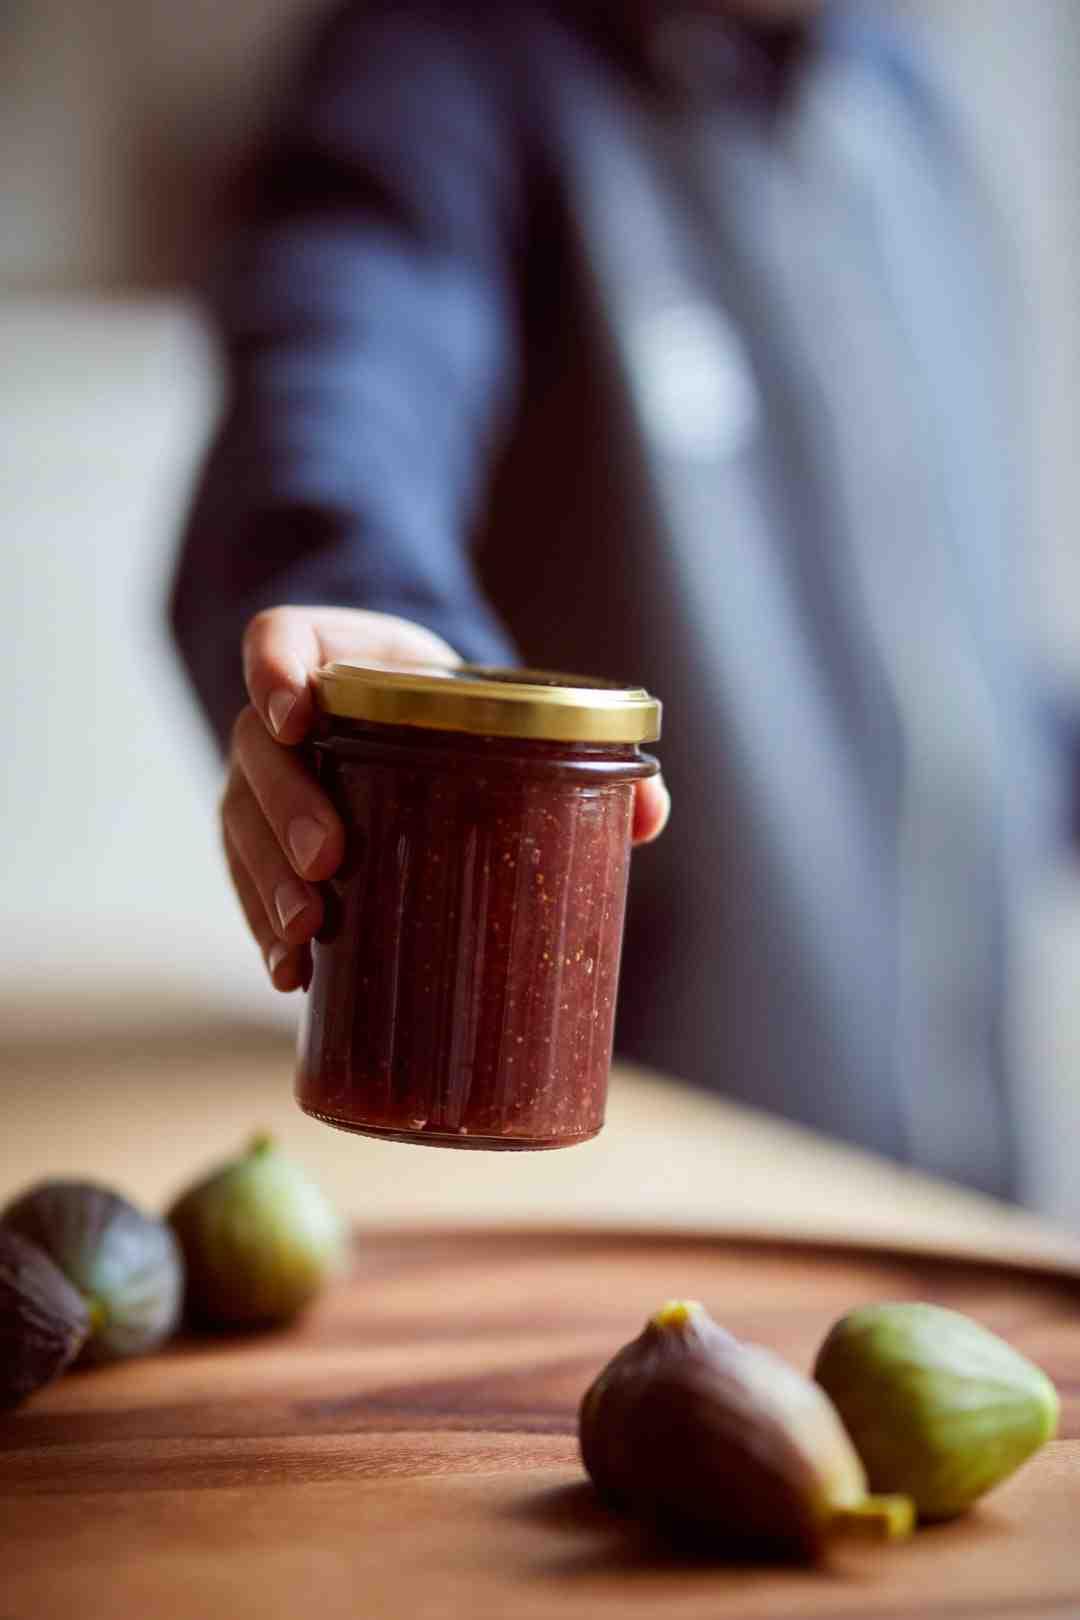 Comment se débarrasser du goût amer de la confiture de prune?